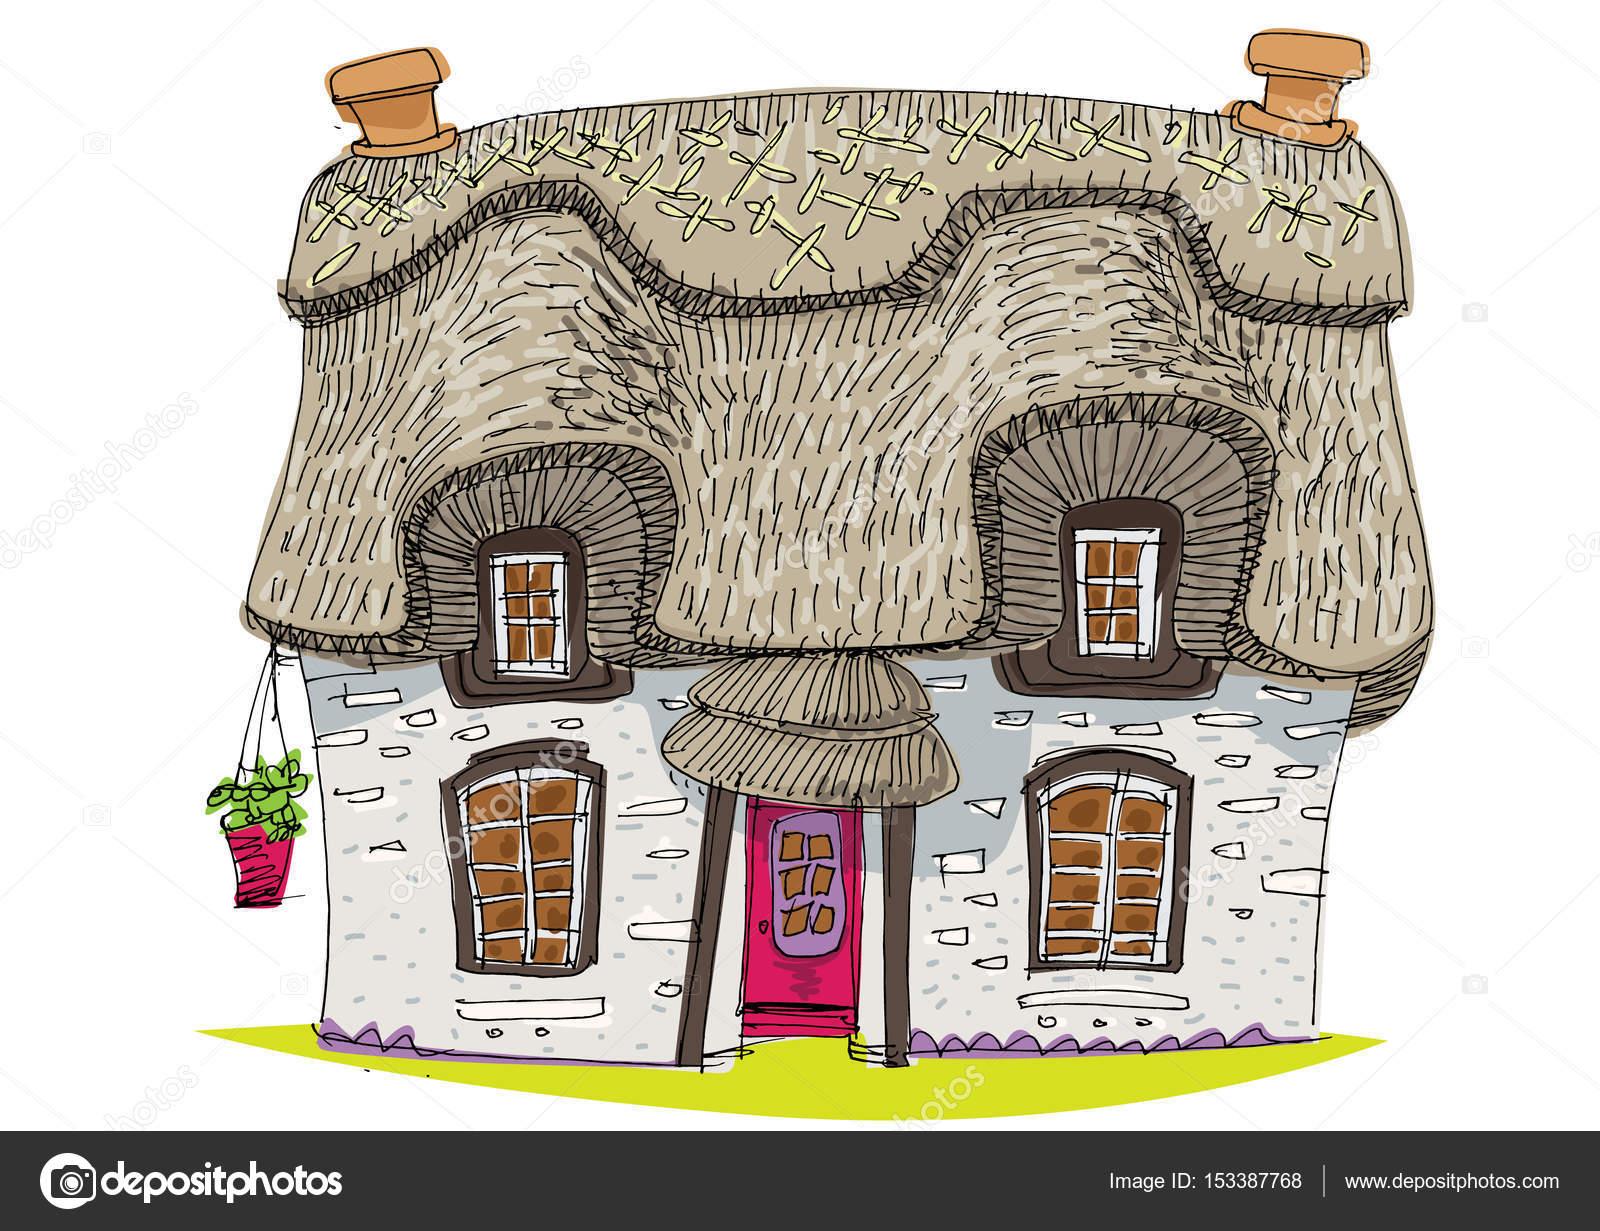 Couvert de paille maison vintage traditionnelle dessin animé vecteur par